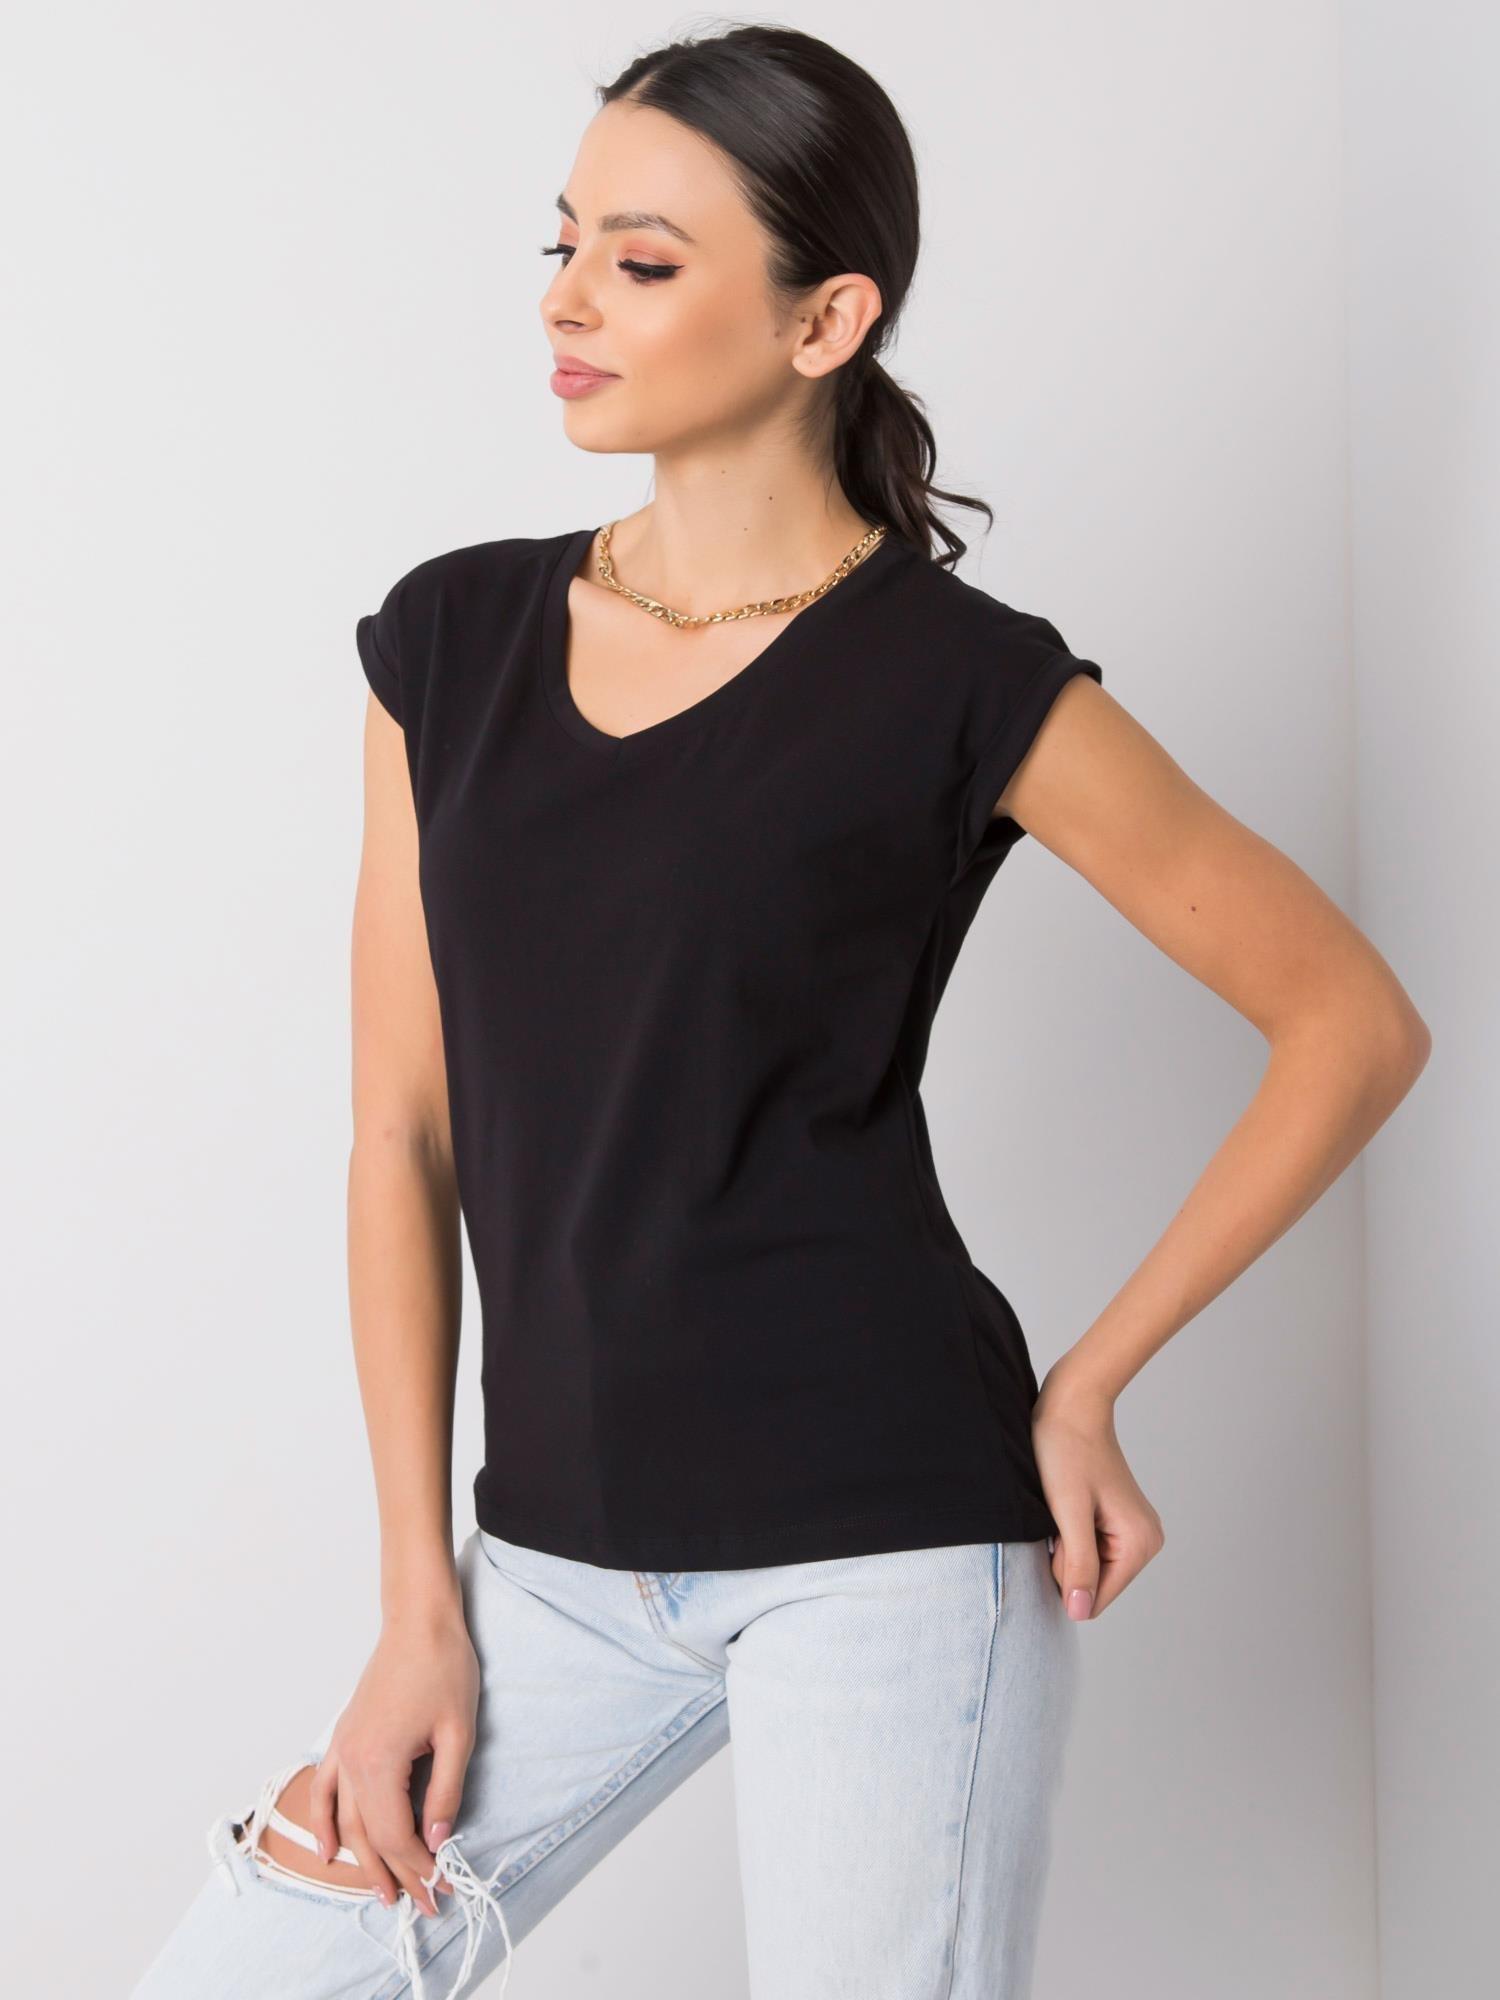 T-Shirt in Schwarz mit V-Ausschnitt Vorderansicht schräg